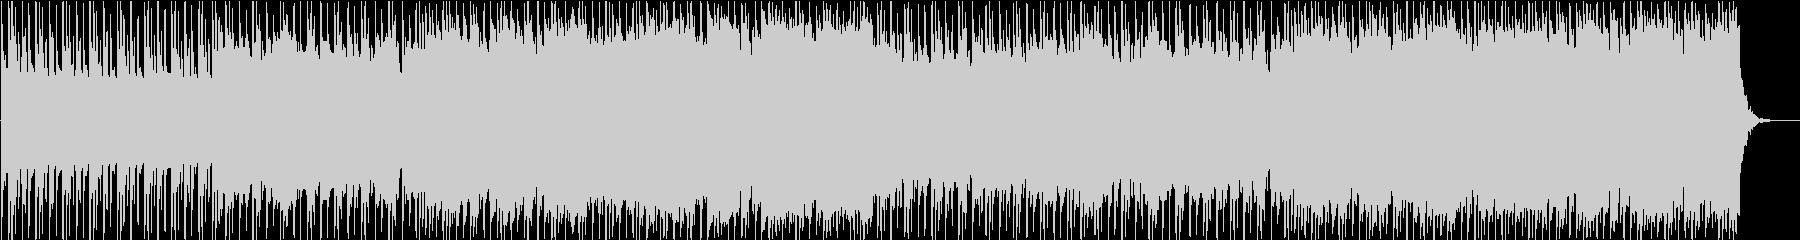 荒っぽいインディーズロックの未再生の波形